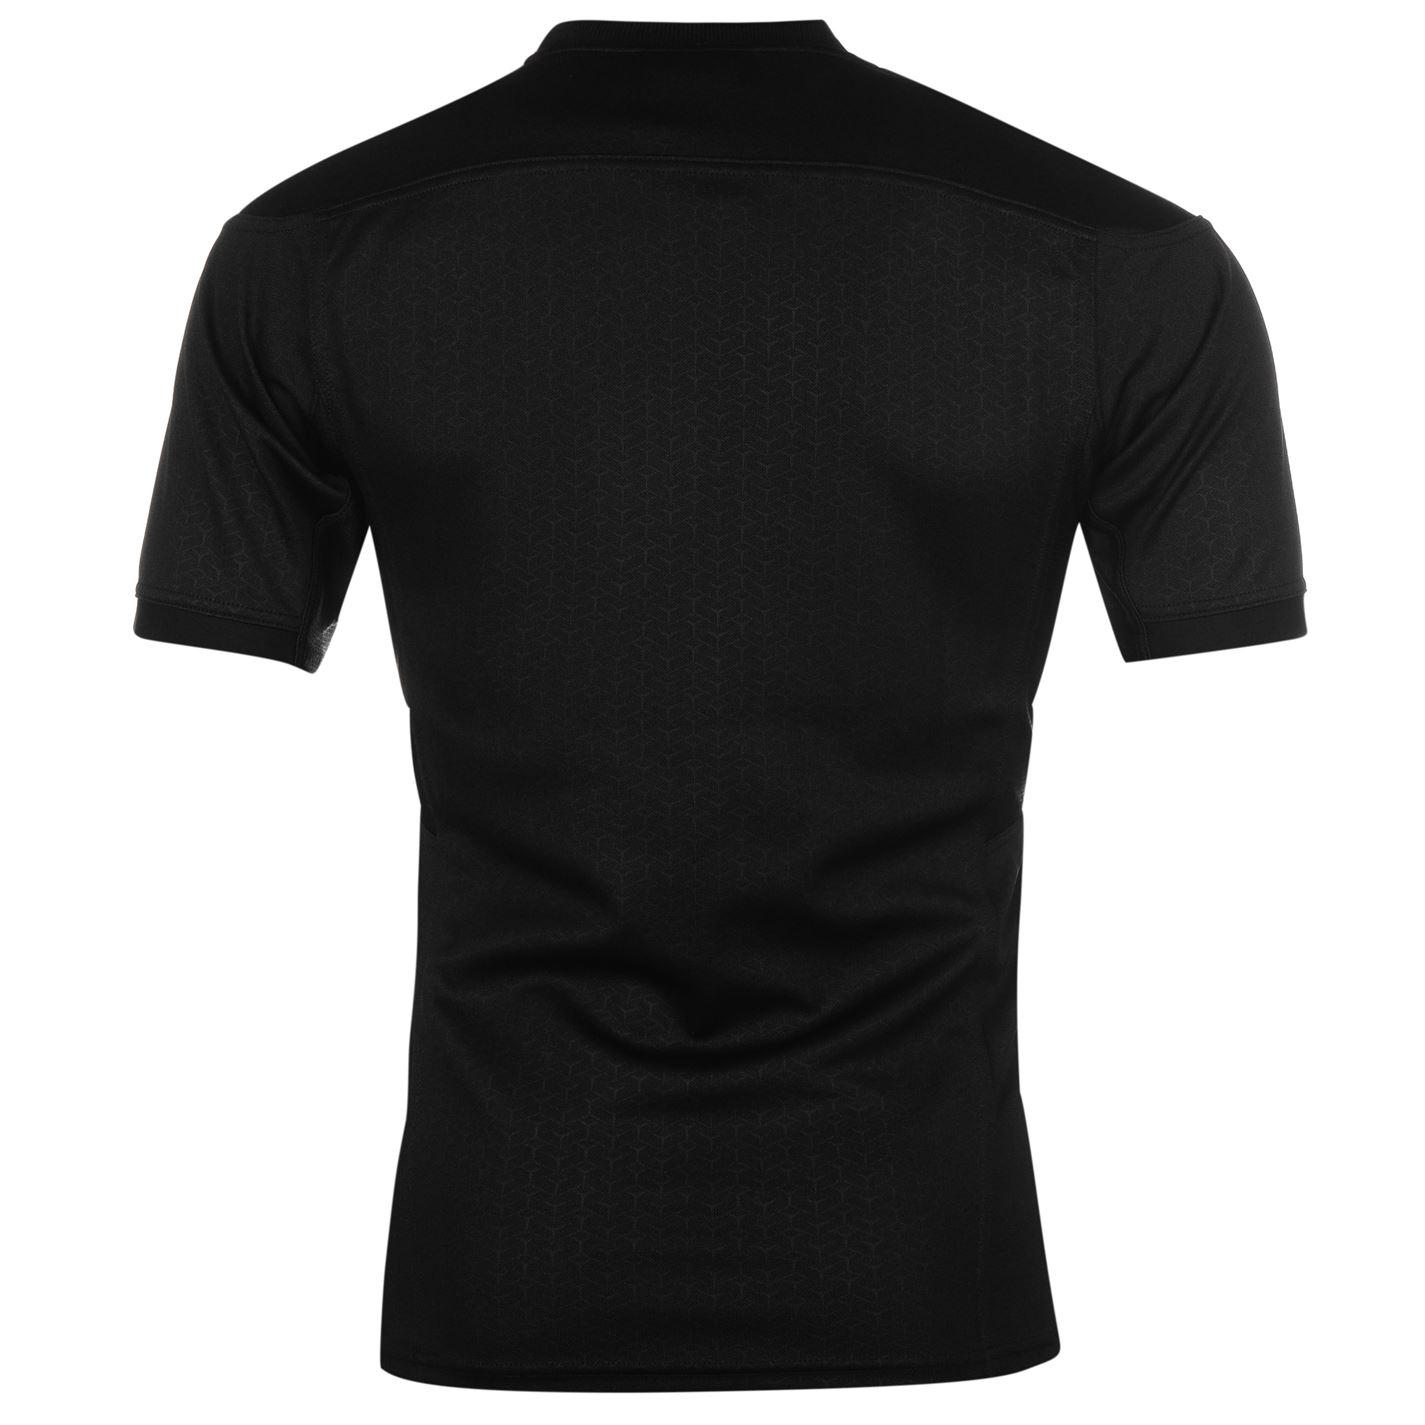 Hommes Shirt Hommes All Domicile Top 2017 Blacks Adidas Nouvelle Zélande Noir Sports Vêtements UwdqdAS